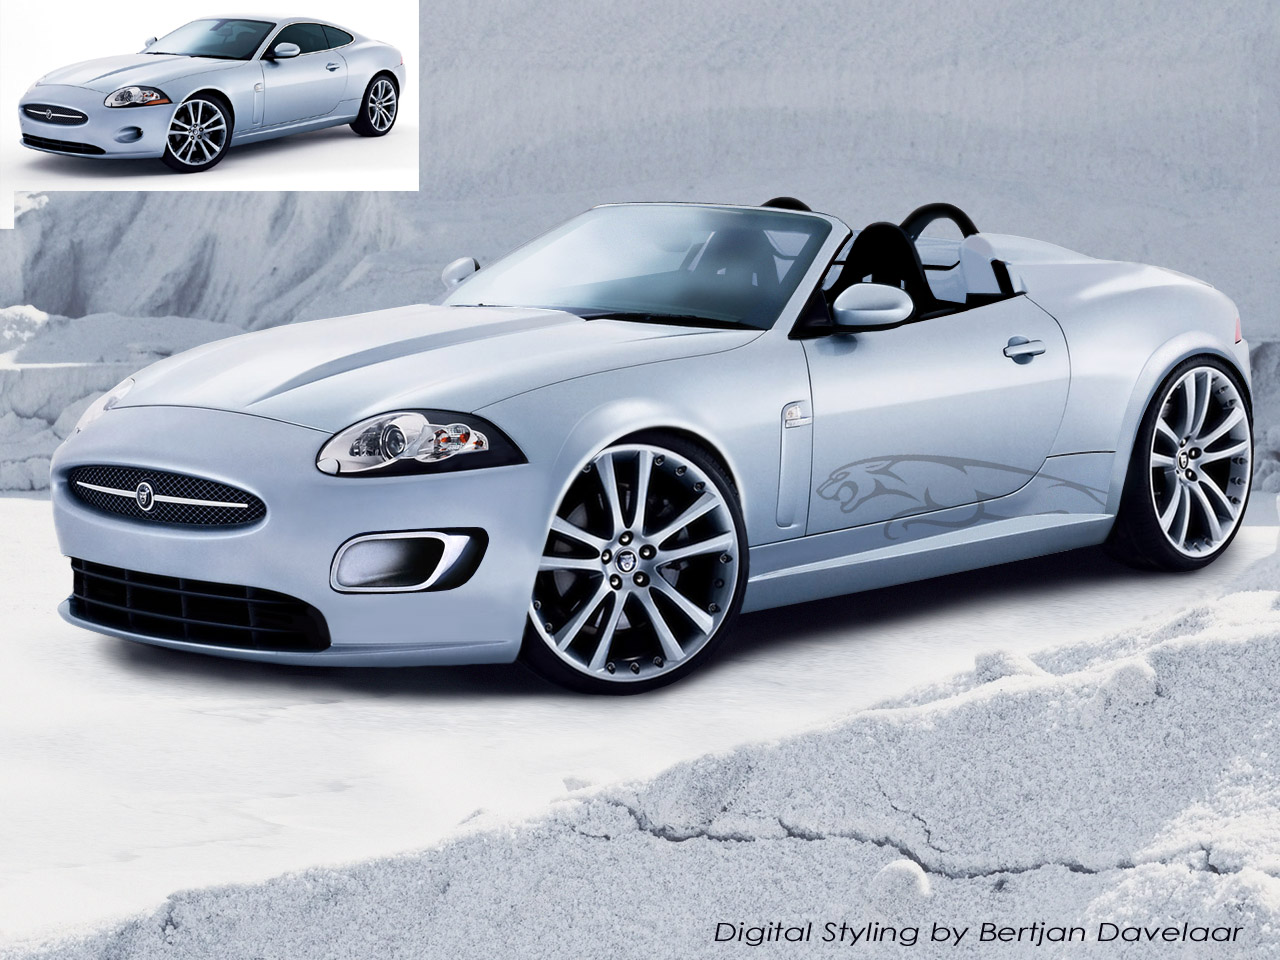 http://3.bp.blogspot.com/-RBudhNiqEJo/Tpr3IPpFB8I/AAAAAAAAAWA/Xv3siFxoXFU/s1600/Jaguar-XKR-2.jpg